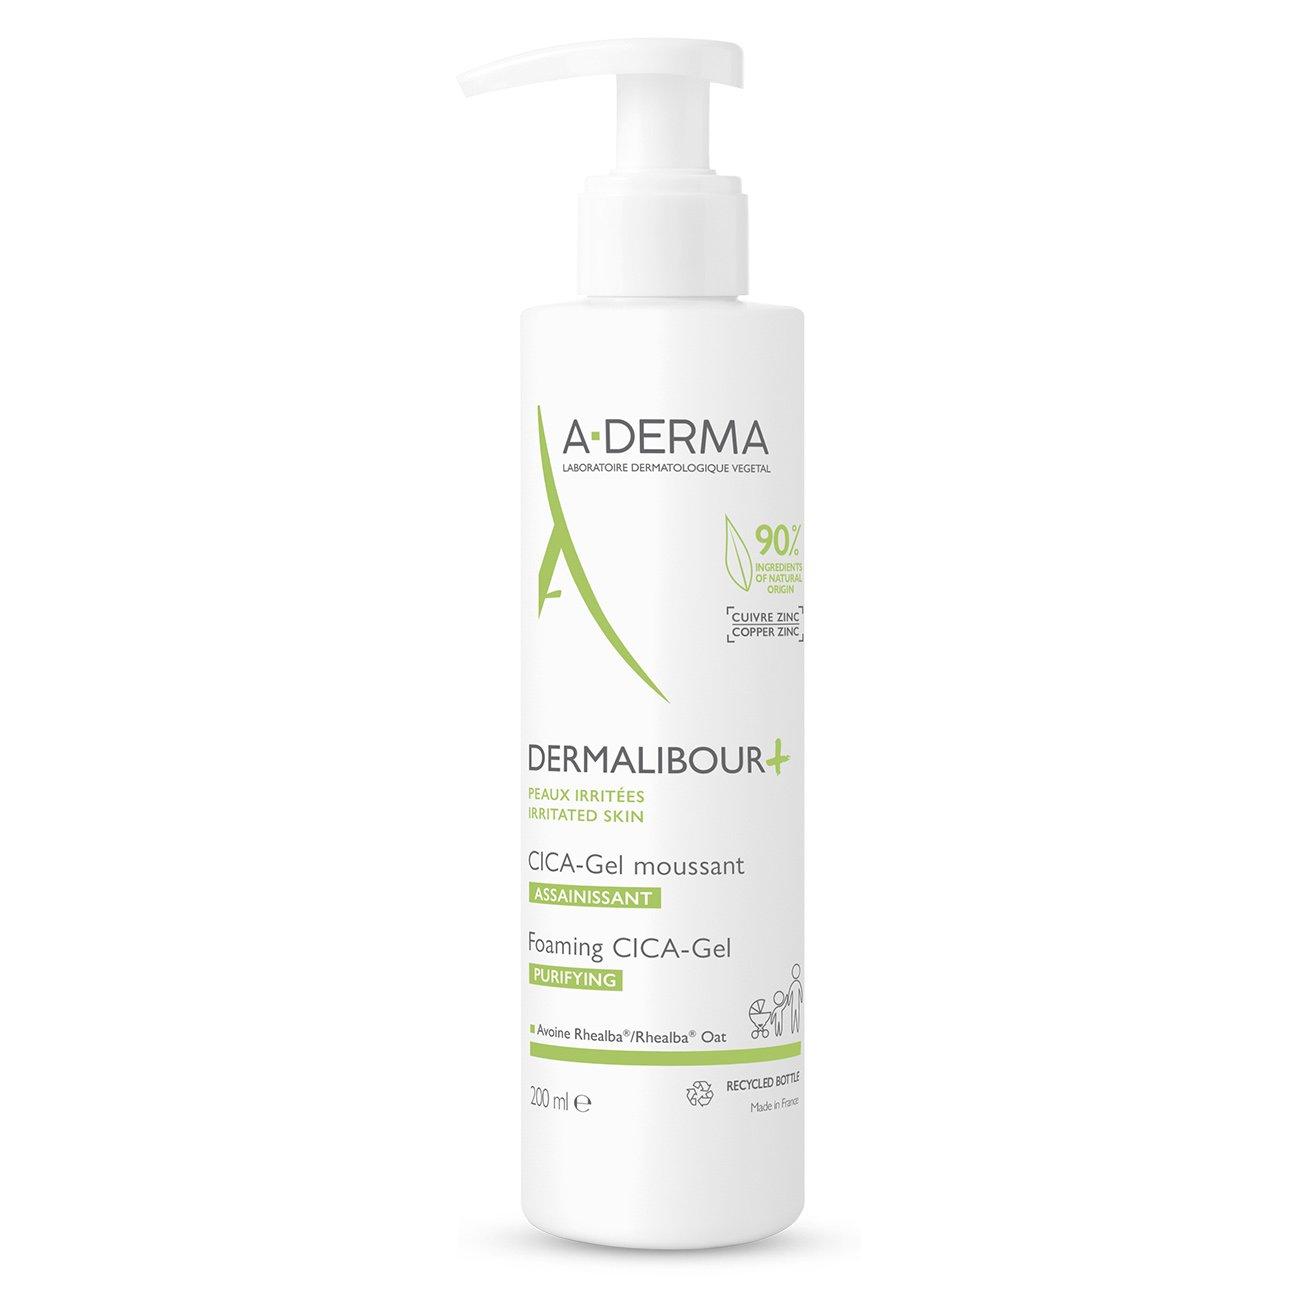 A-Derma Dermalibour Foaming CICA-Gel Purifying Εξυγιαντικό Αφρίζον Gel για Πρόσωπο & Σώμα 200ml